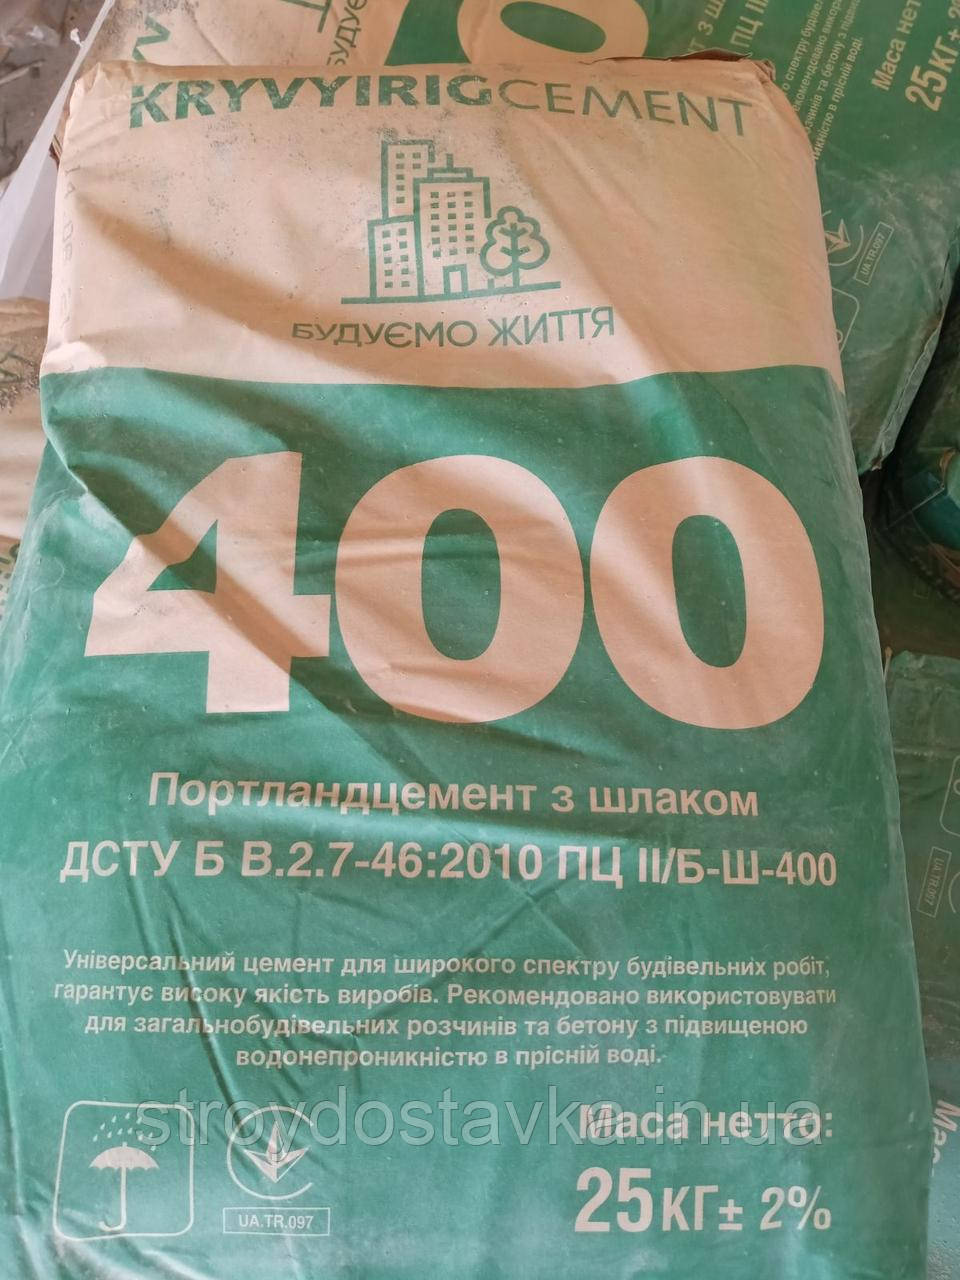 Заводський цемент в оригінальному мішку (Кривий Ріг) ПЦ II/ Б-Ш-400( 25кг)